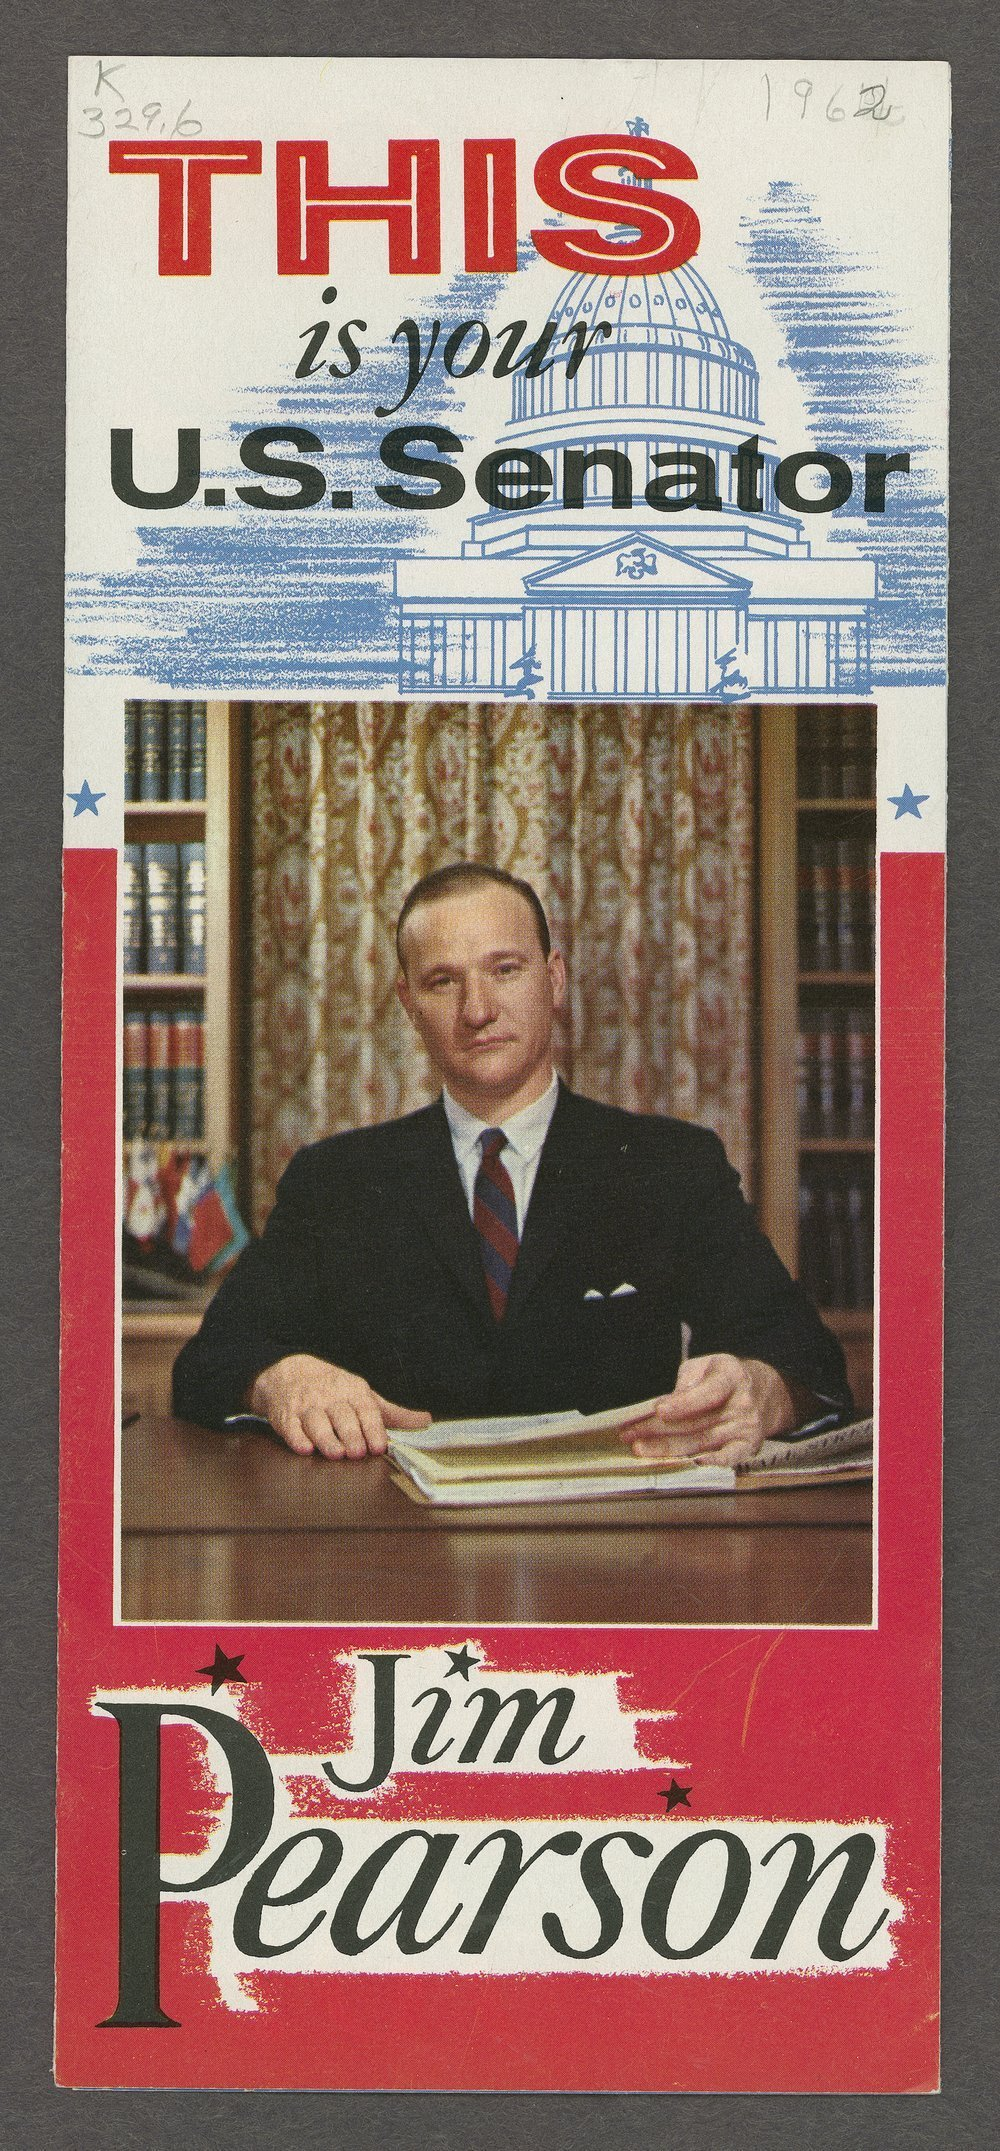 Jim Pearson, U.S. Senator - 1